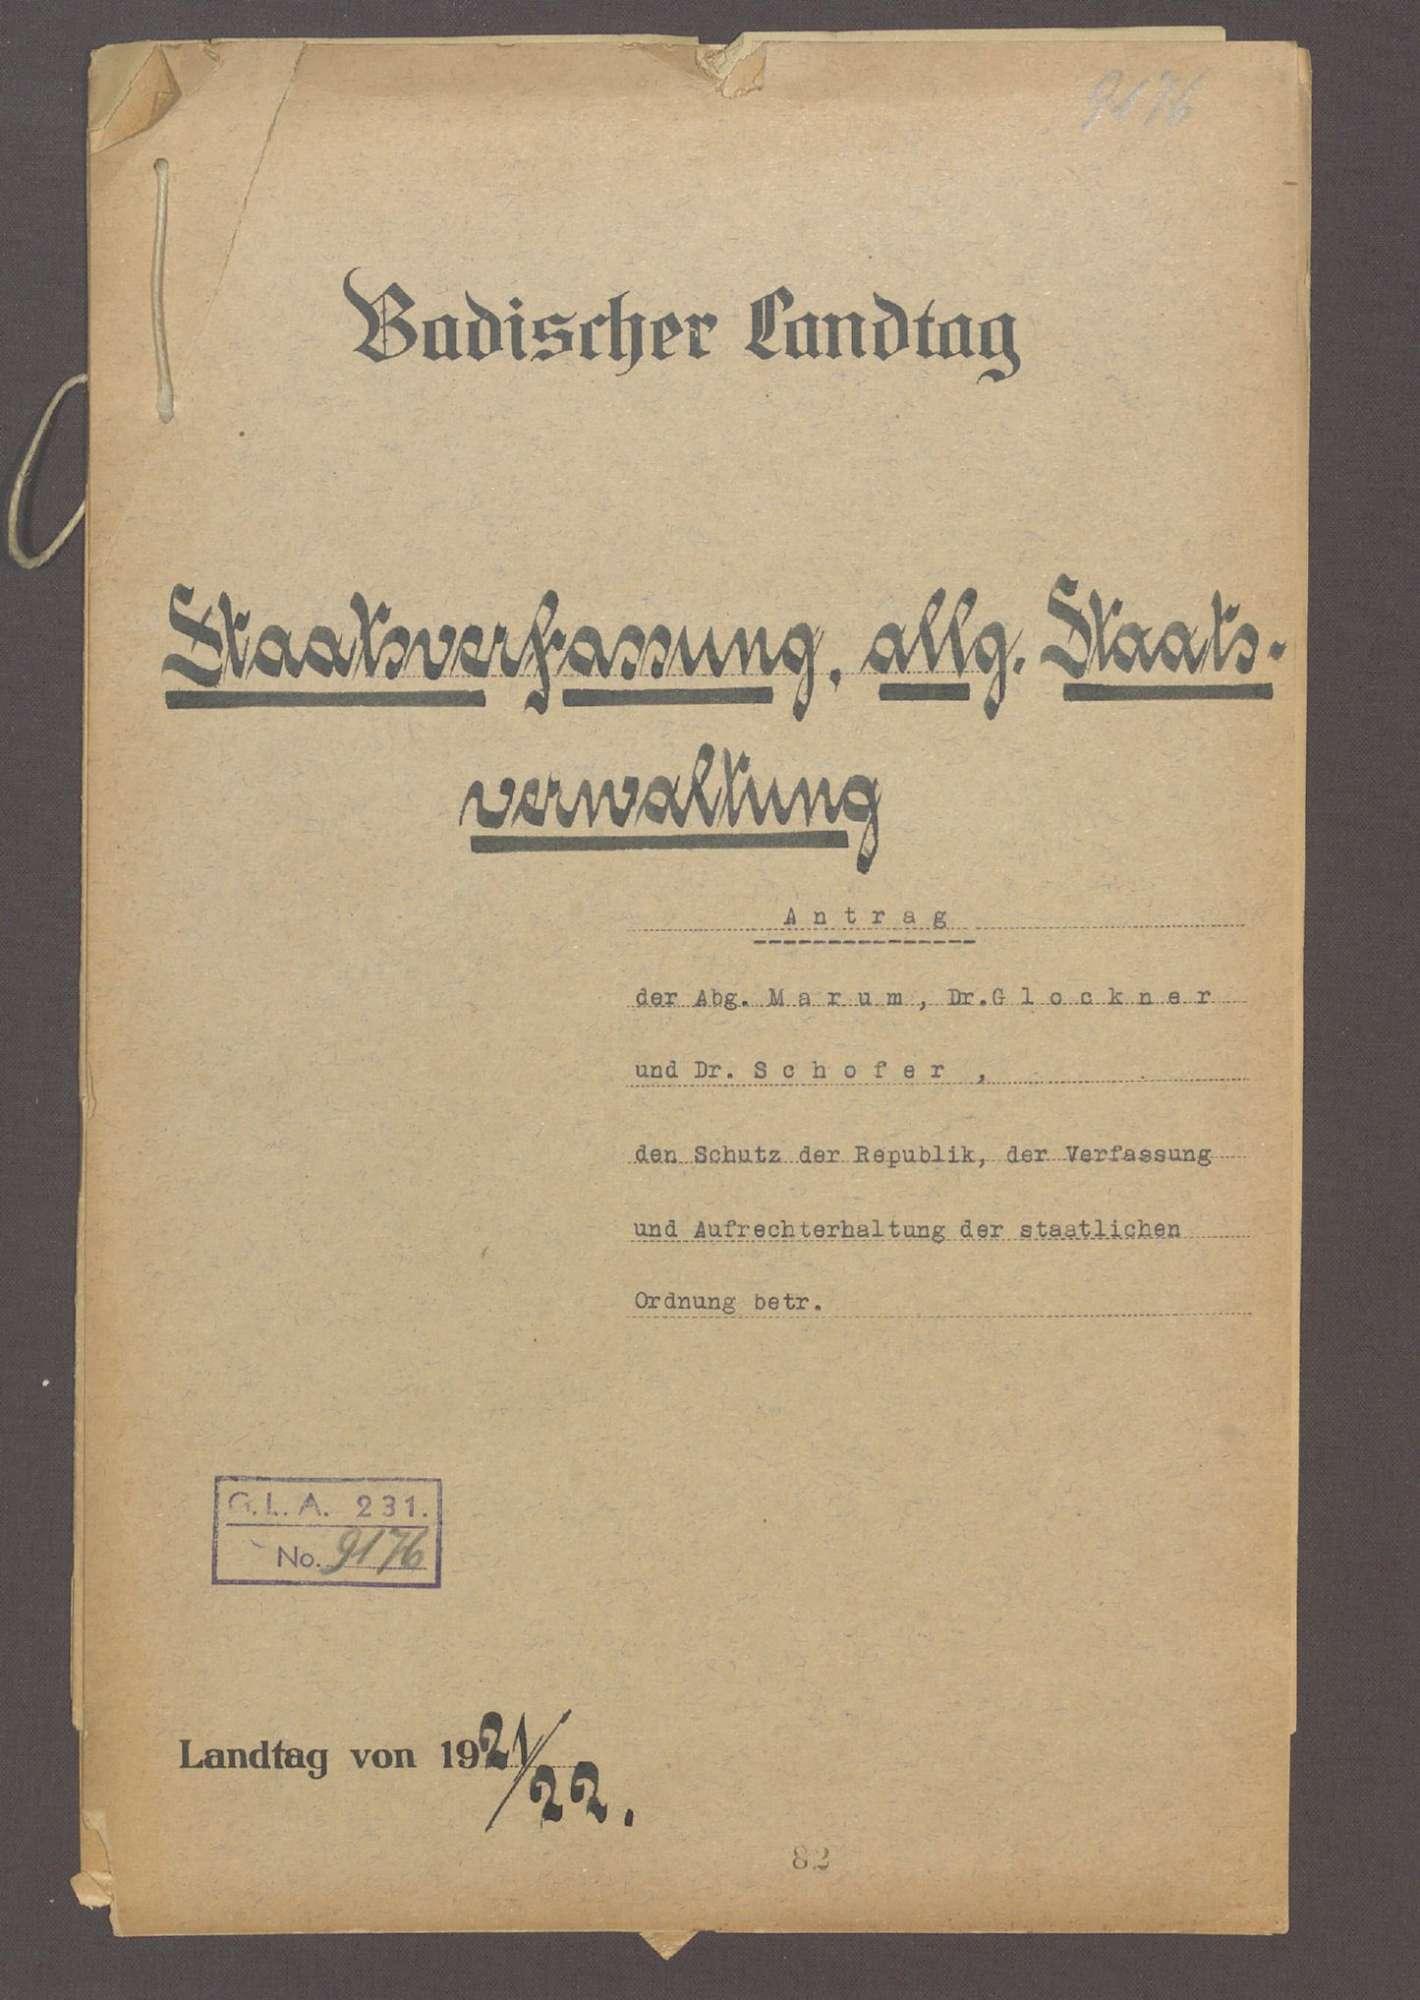 Antrag der Abg. Marum, Dr. Glockner und Dr. Schofer, den Schutz der Republik, der Verfassung und Aufrechterhaltung der staatl. Ordnung betr., Bild 1